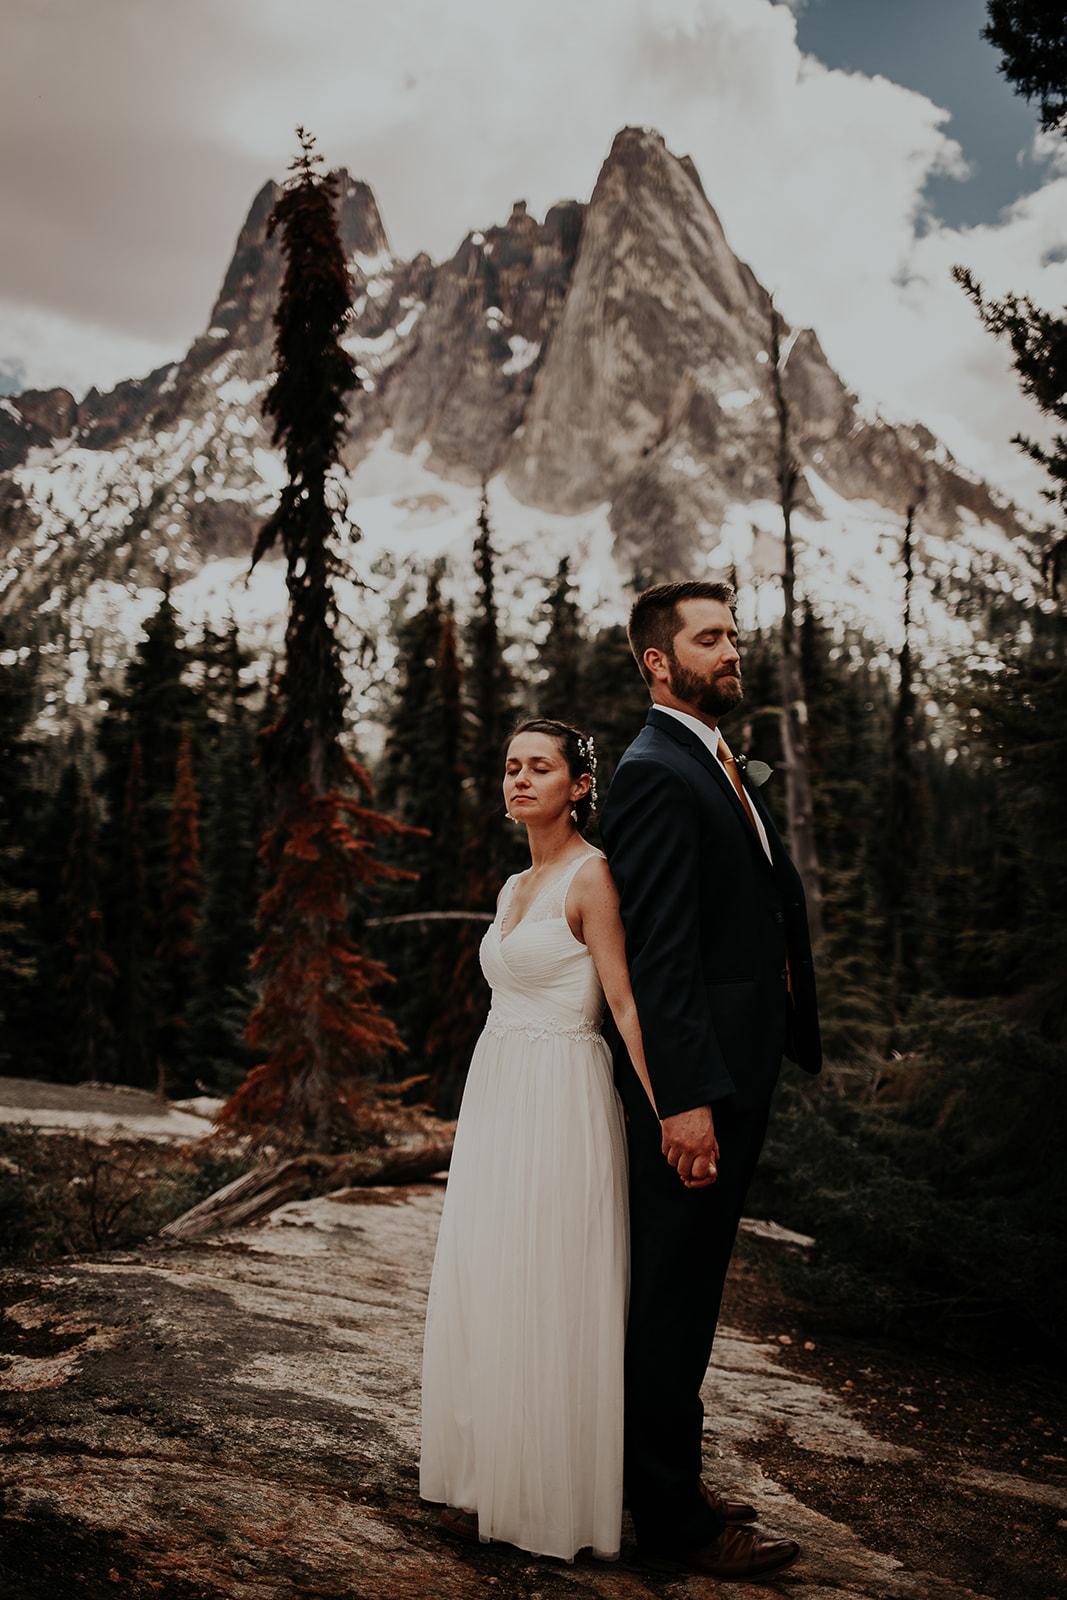 lisaandzack-north-cascades-elopement-wedding-megan-gallagher-photogarphy (17).jpg